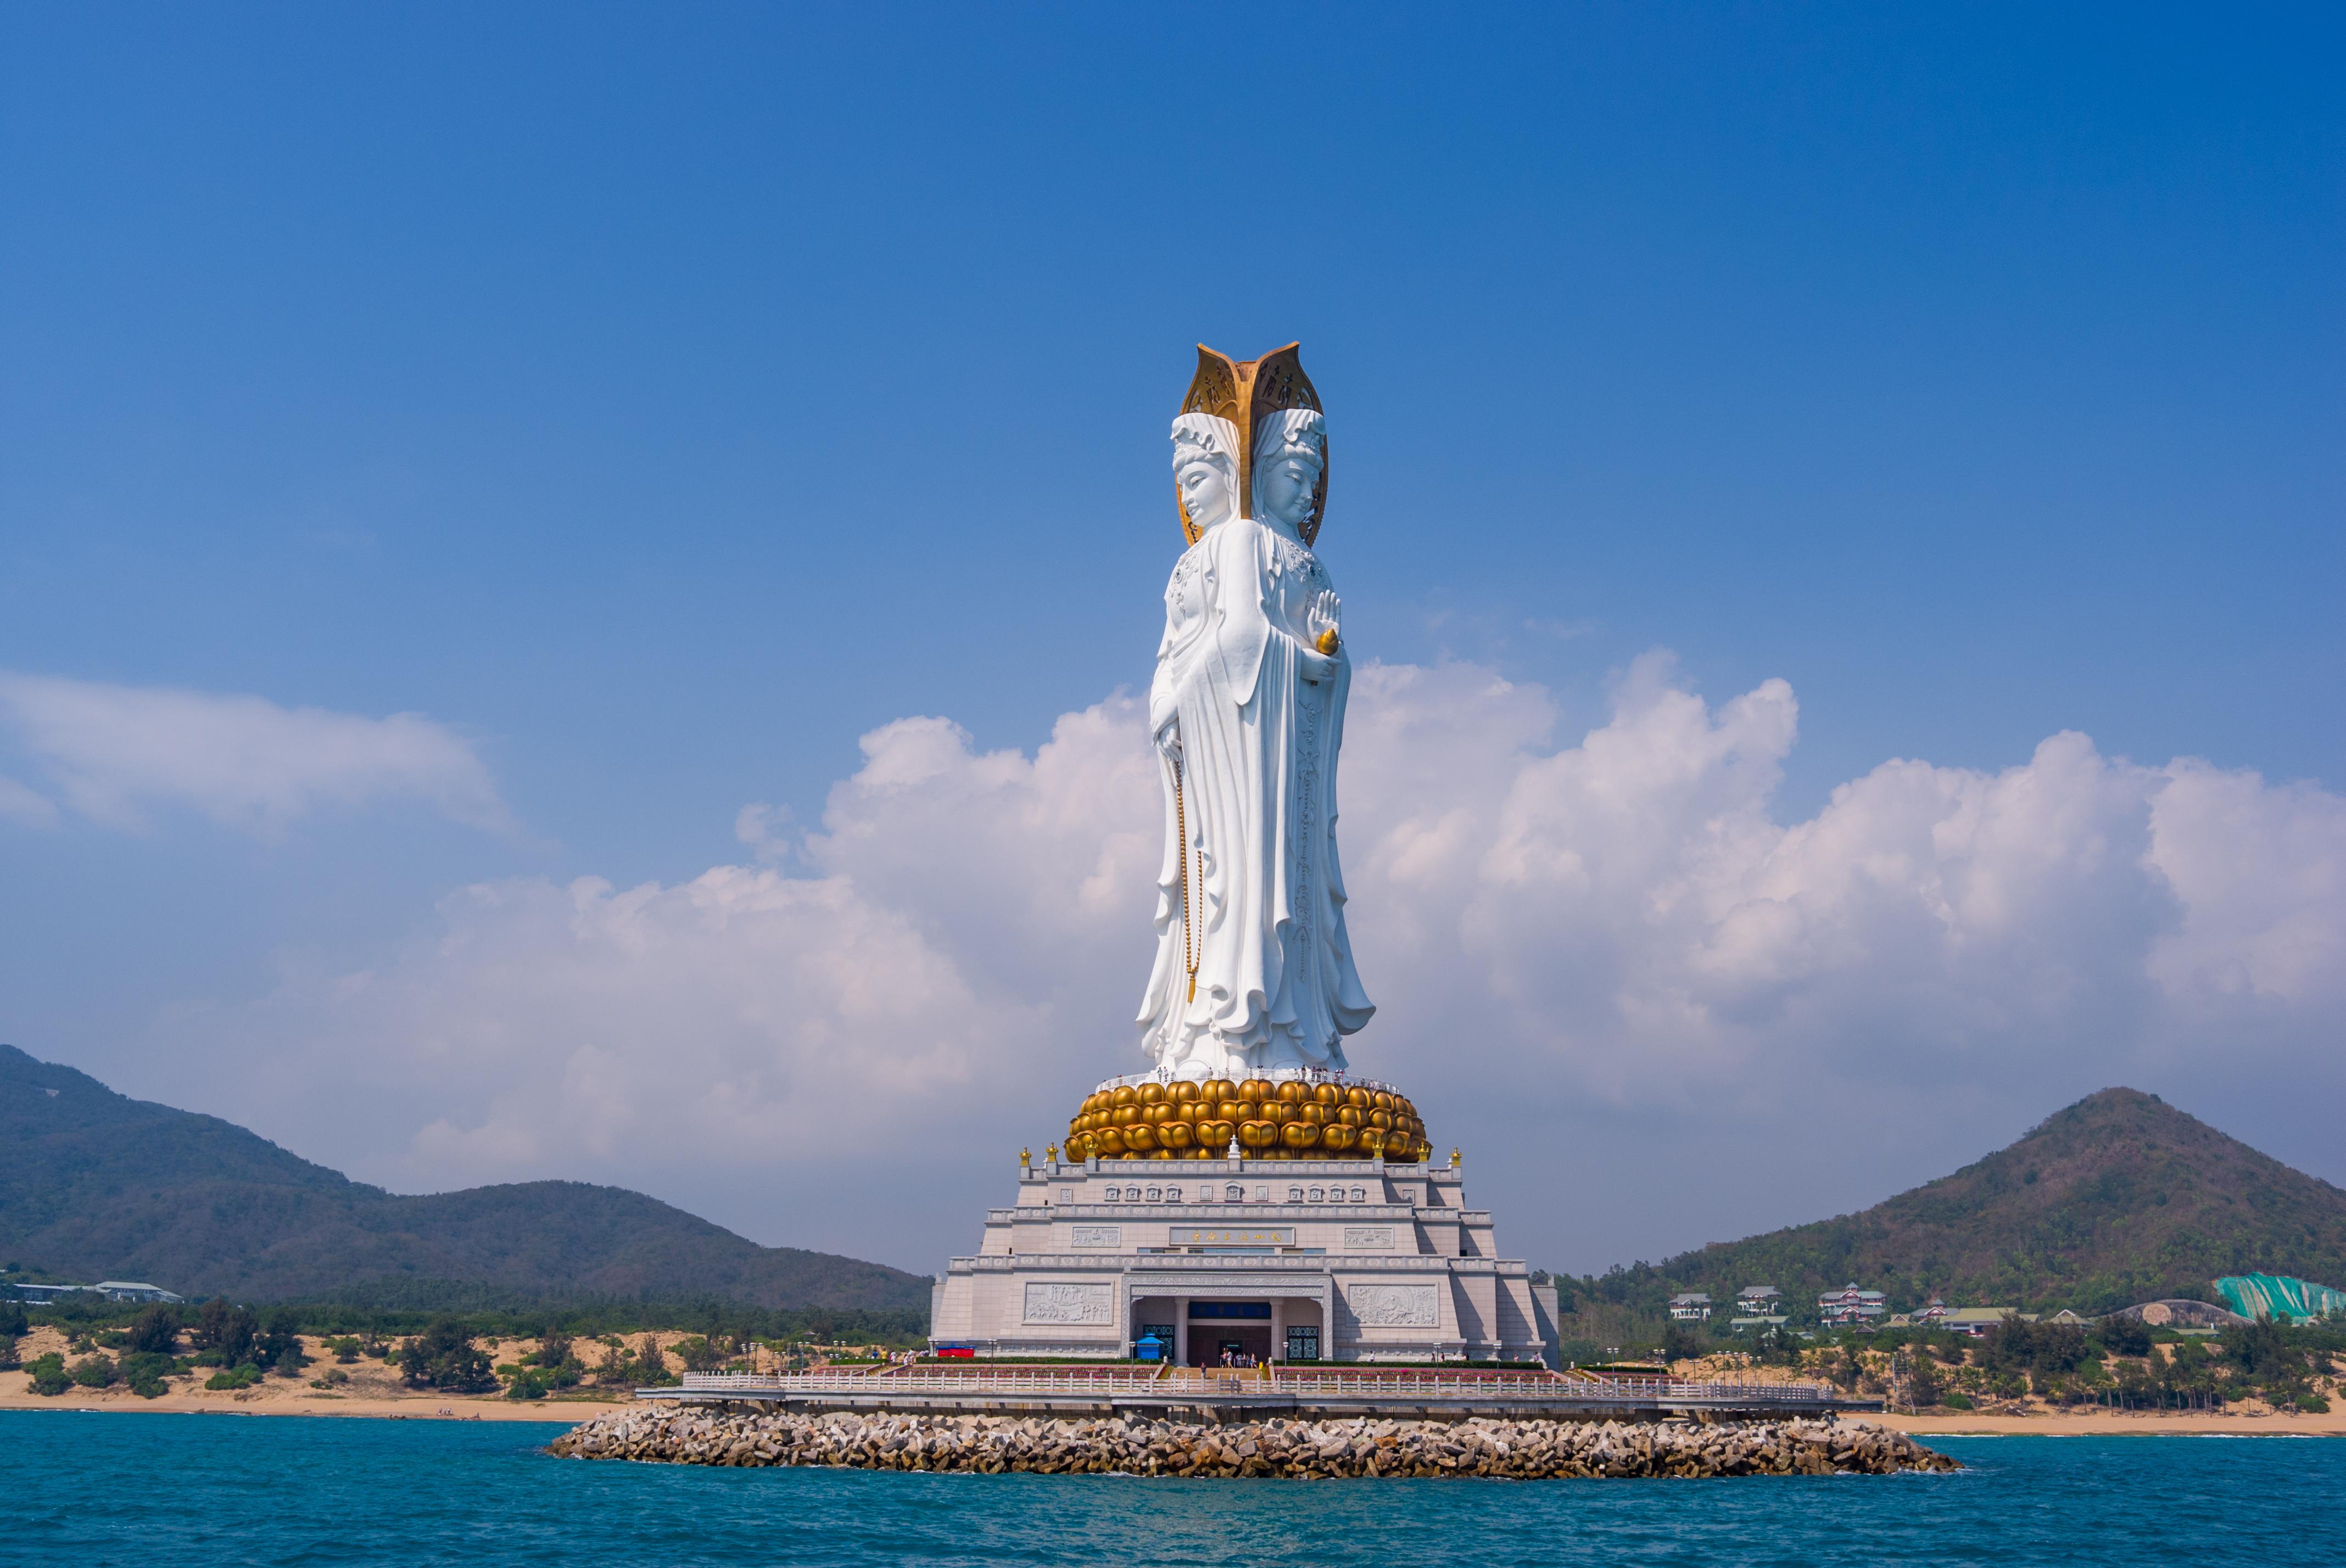 Guanyin del Mar del Sur (108 metros), en Sanya (China). Llee Wu